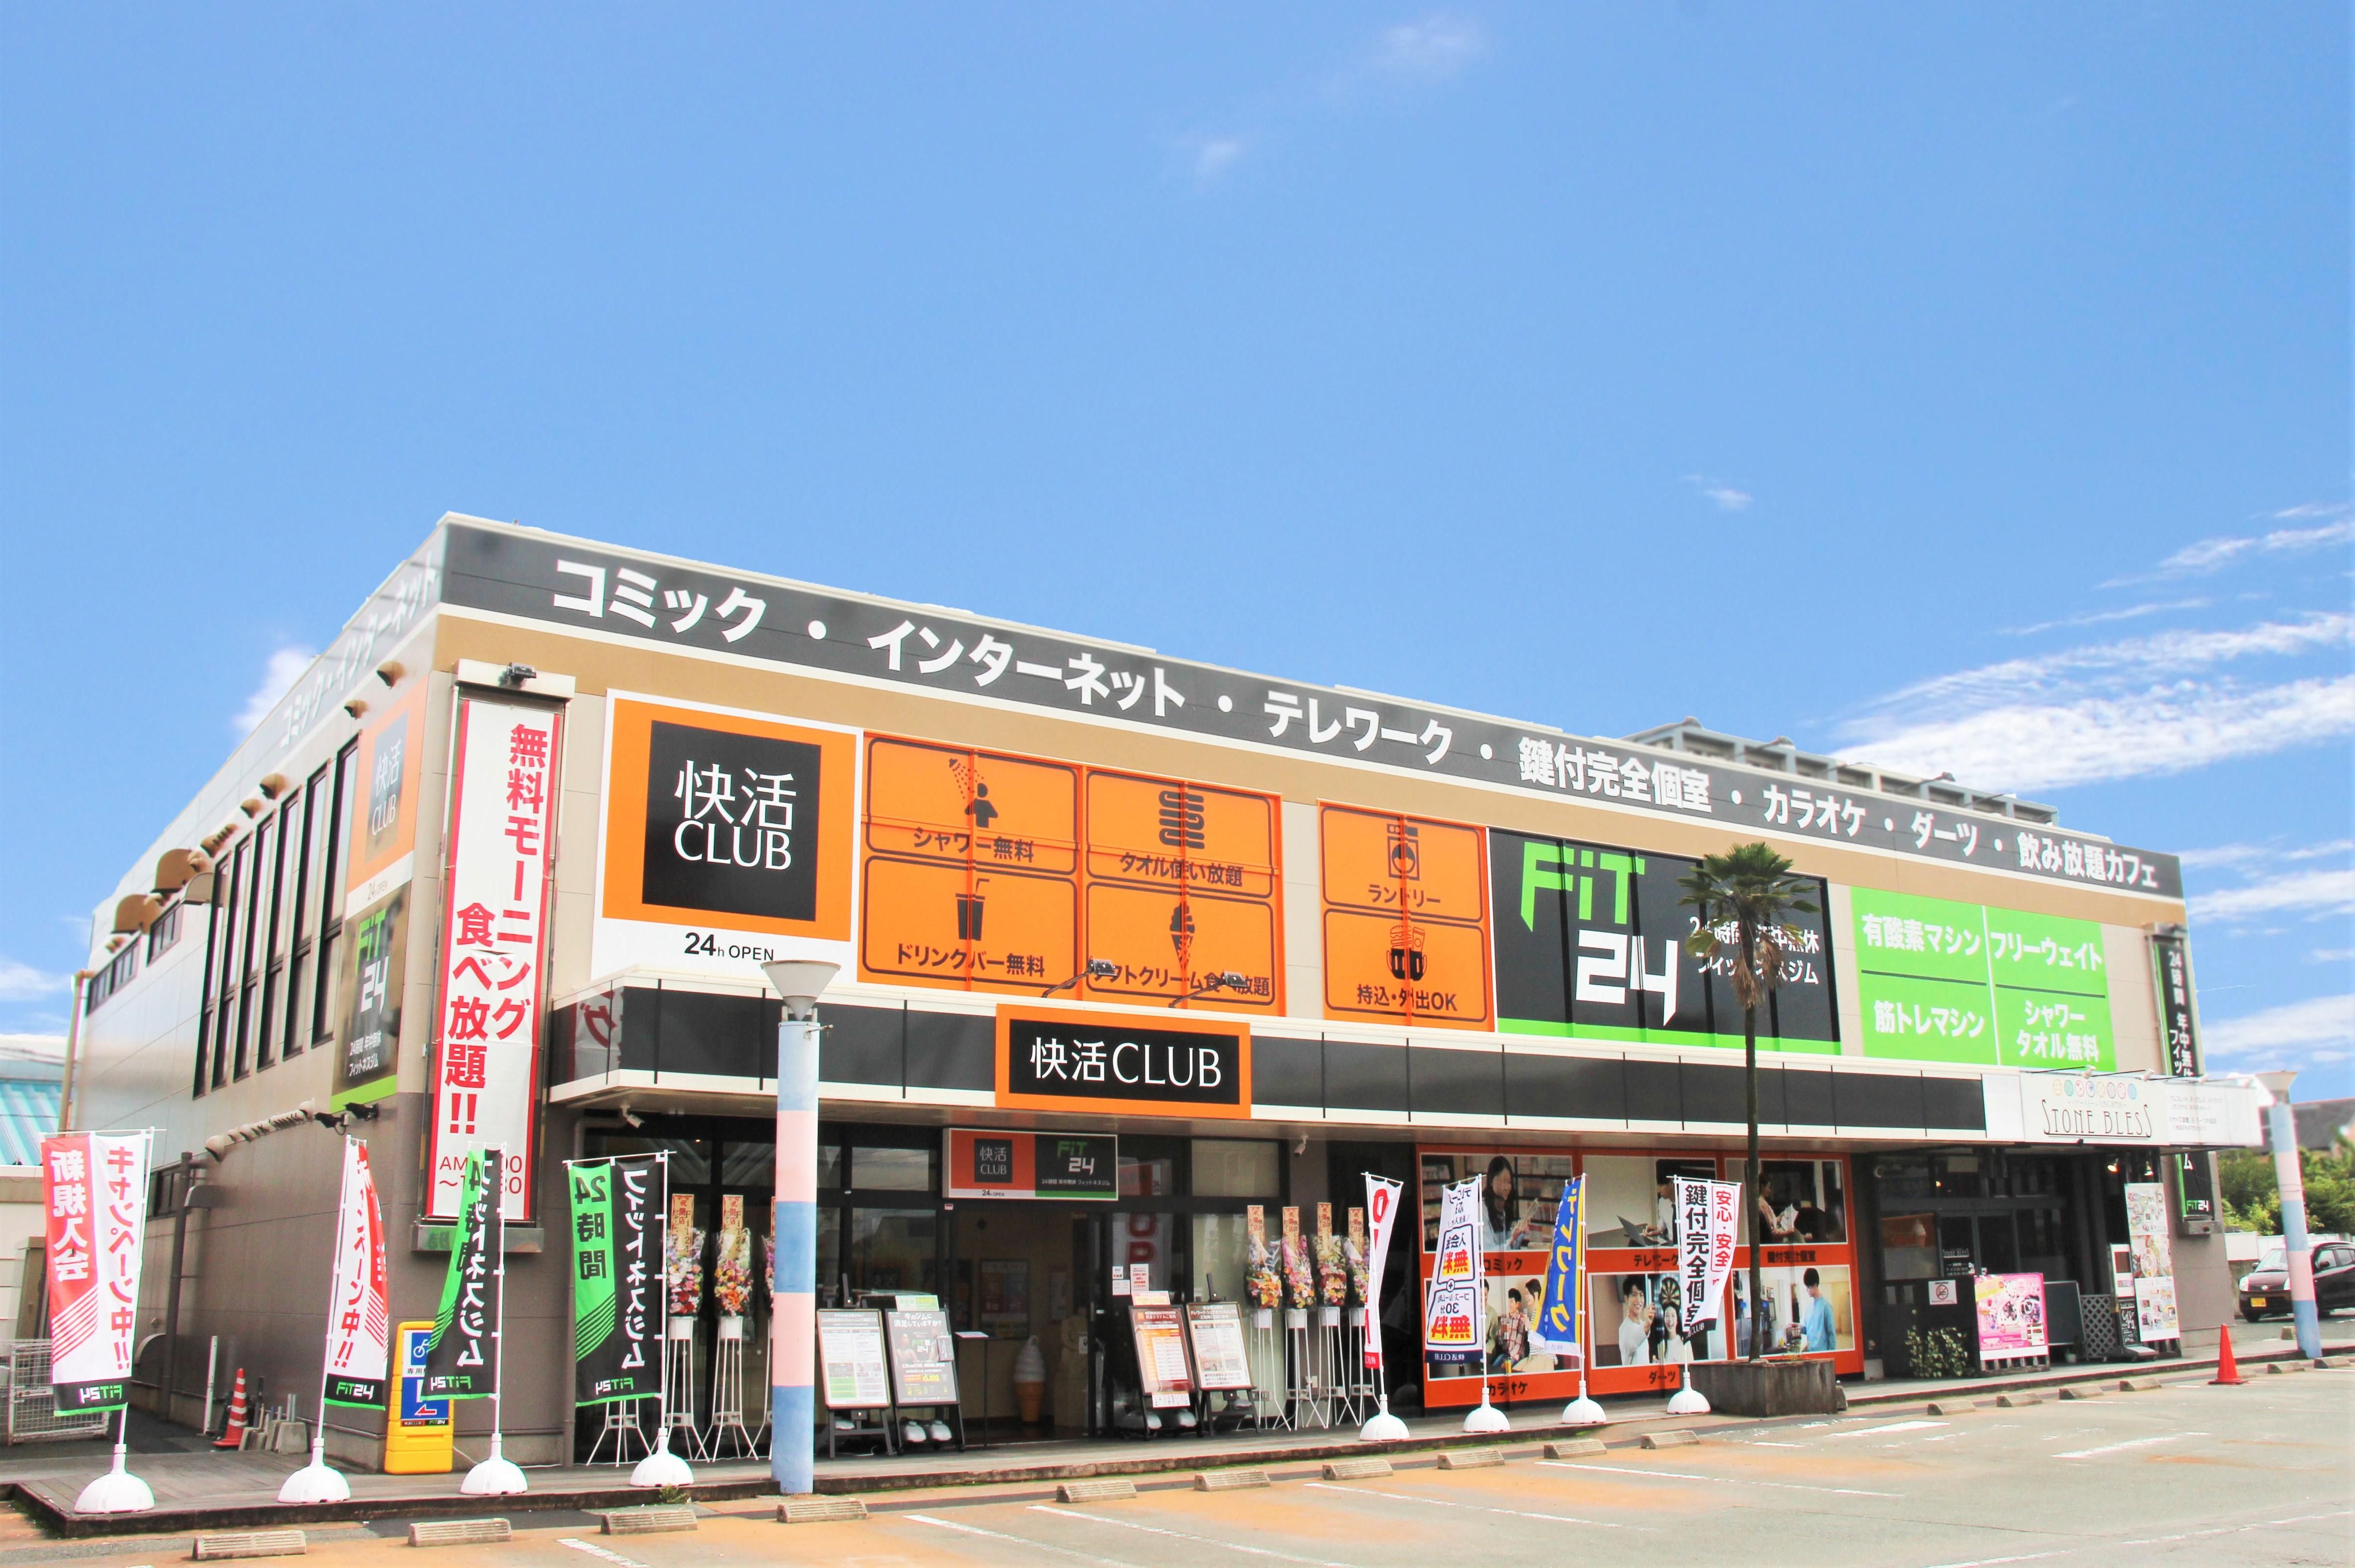 快活CLUB_快活CLUB Fit24 ワンダーシティ南熊本店